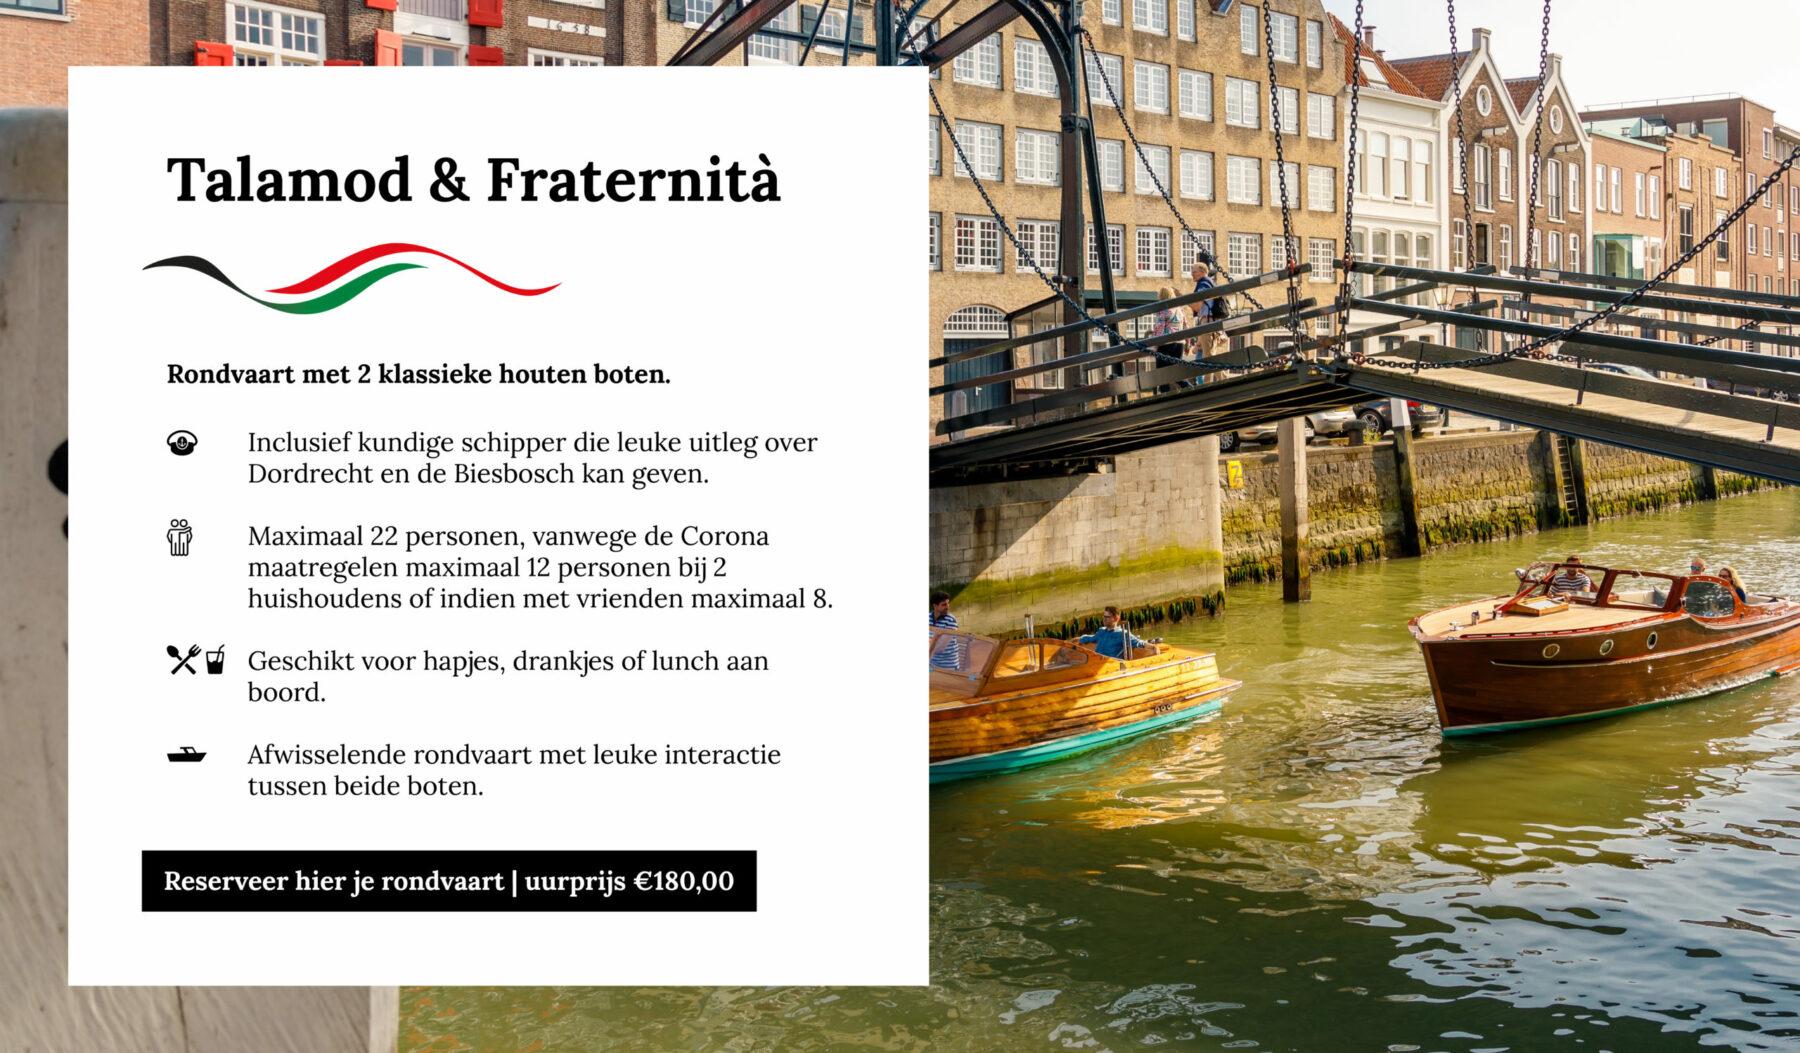 Talamod & Fraternità Rondvaart